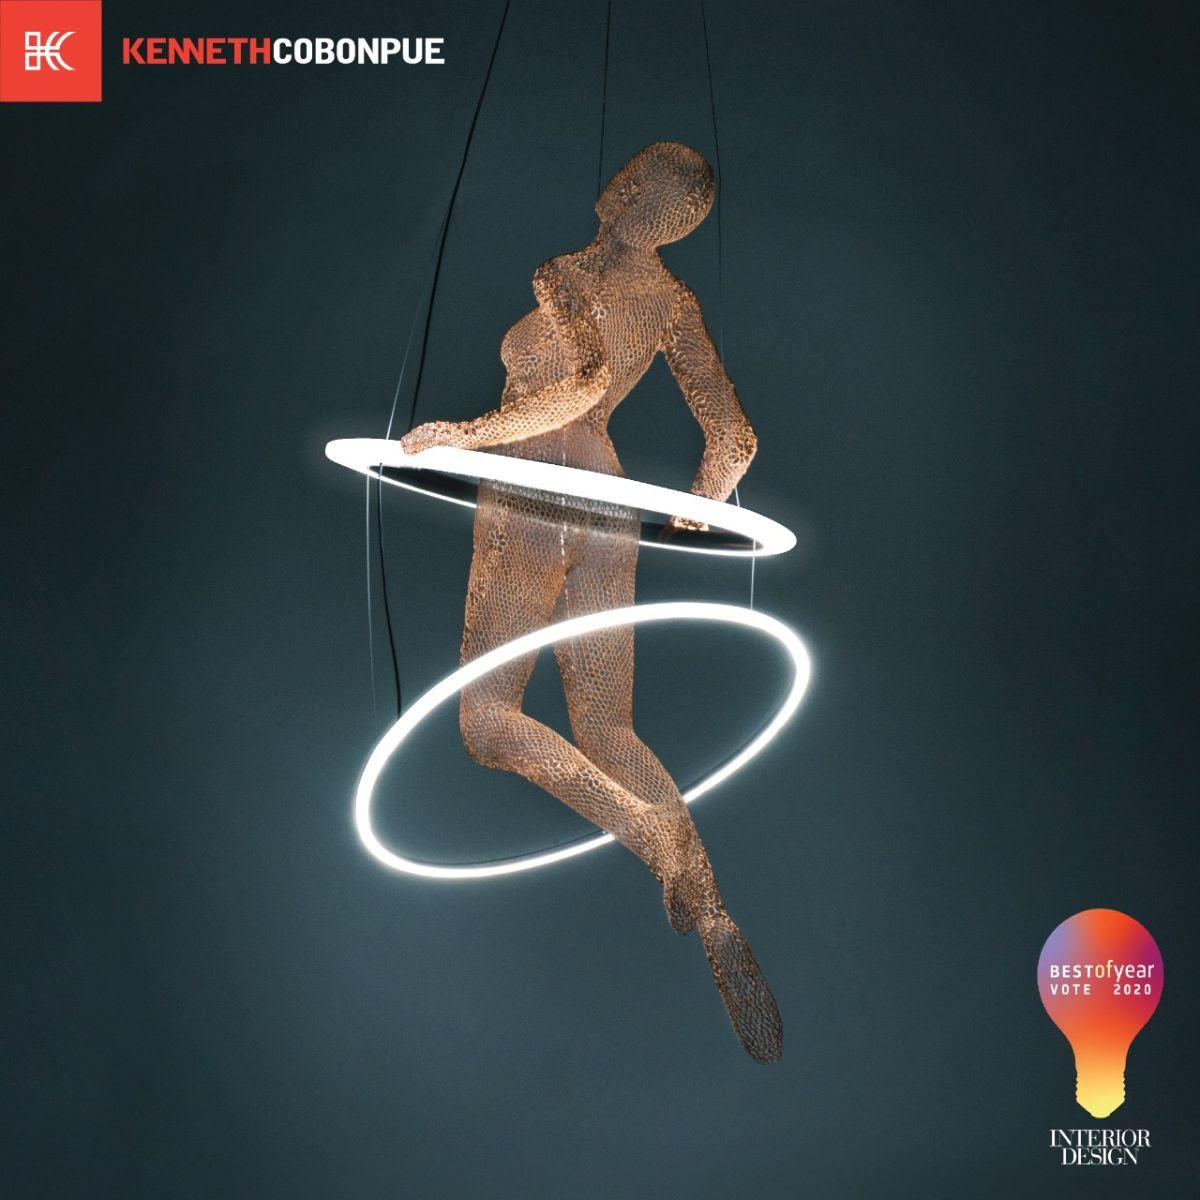 Kenneth Cobonpue Interior Design Magazine's Best of Year Awards